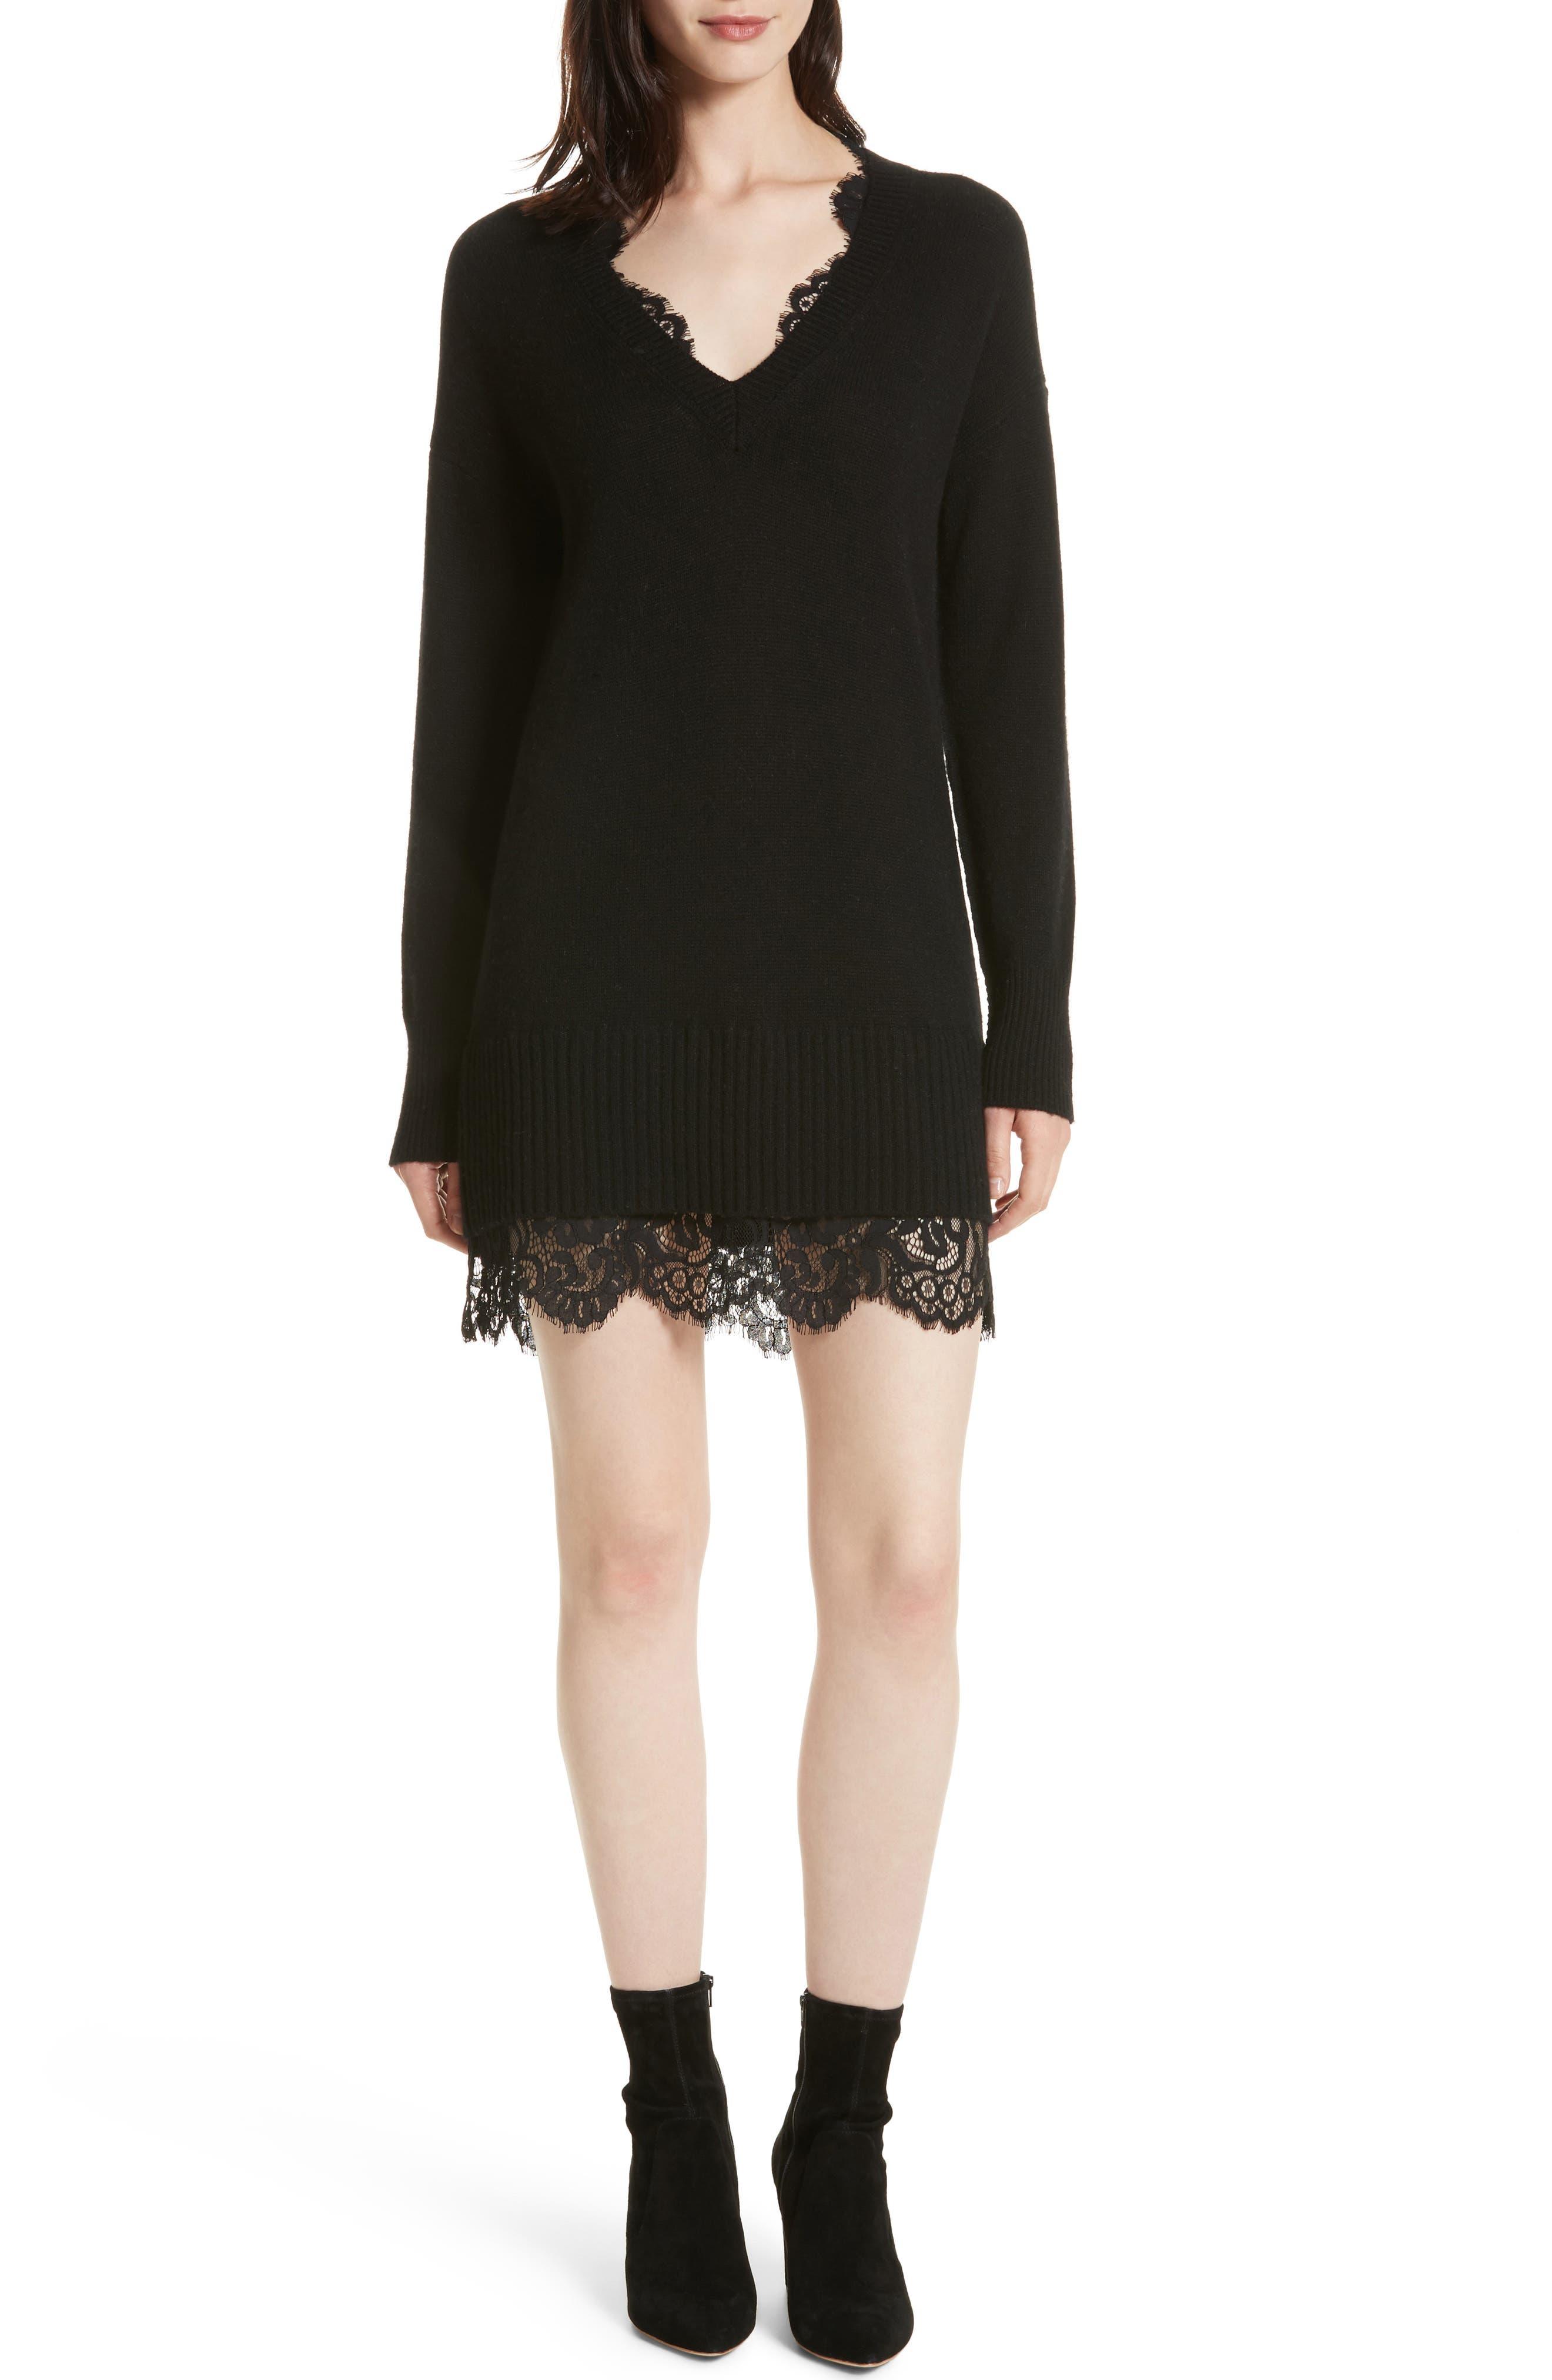 Alternate Image 1 Selected - Brochu Walker Lace Looker Sweater Dress